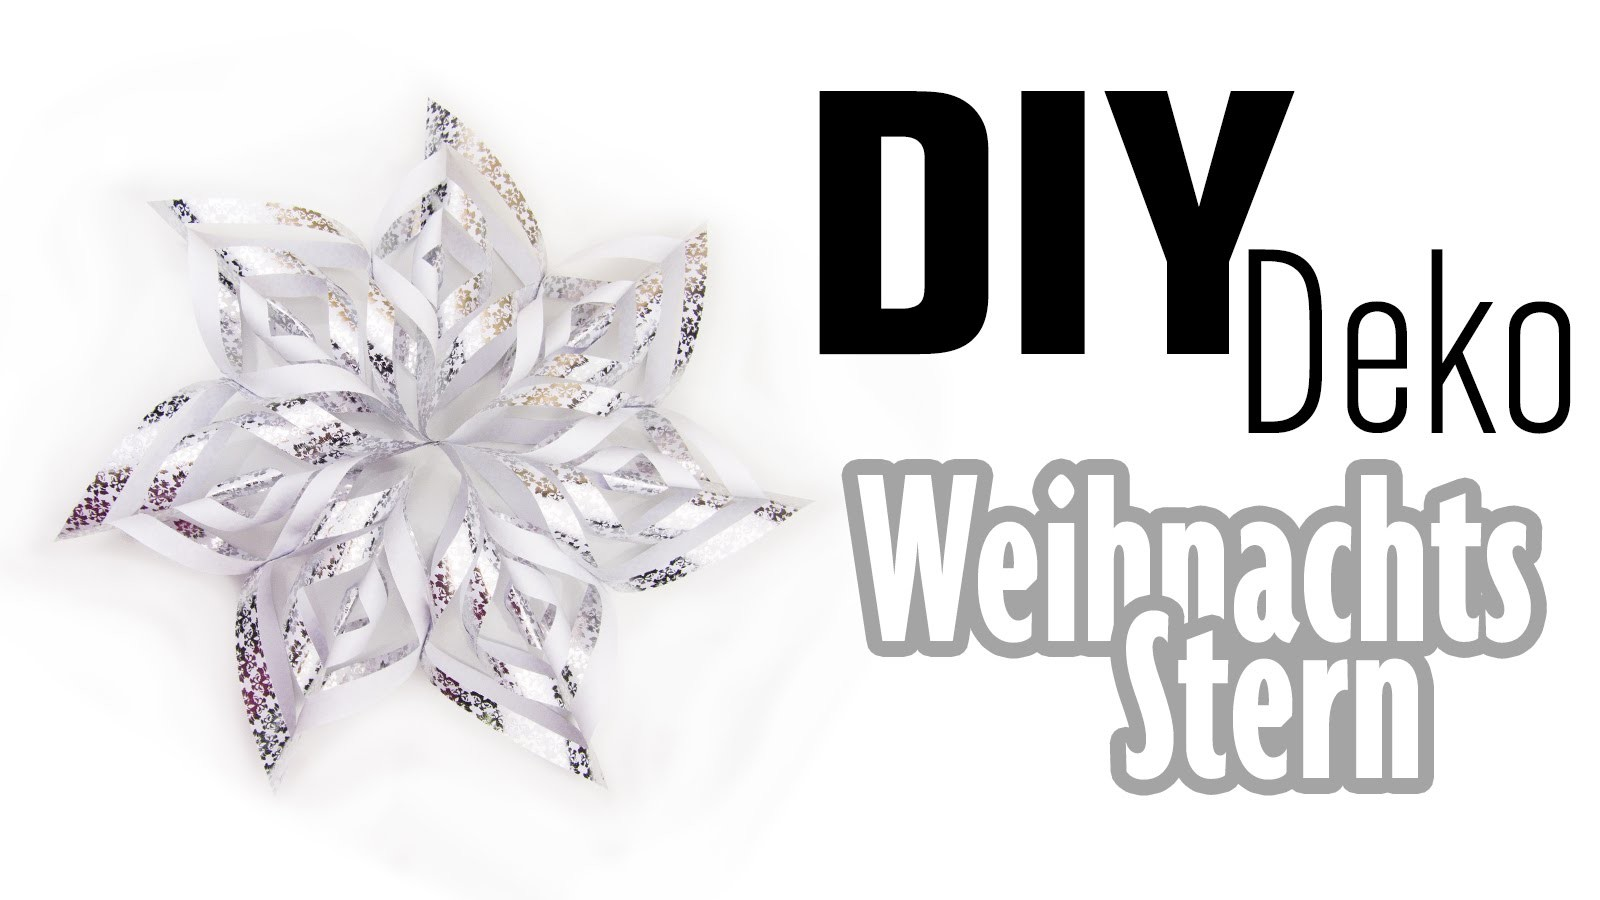 [DIY] Weihnachtsstern | Weihnachts-Deko